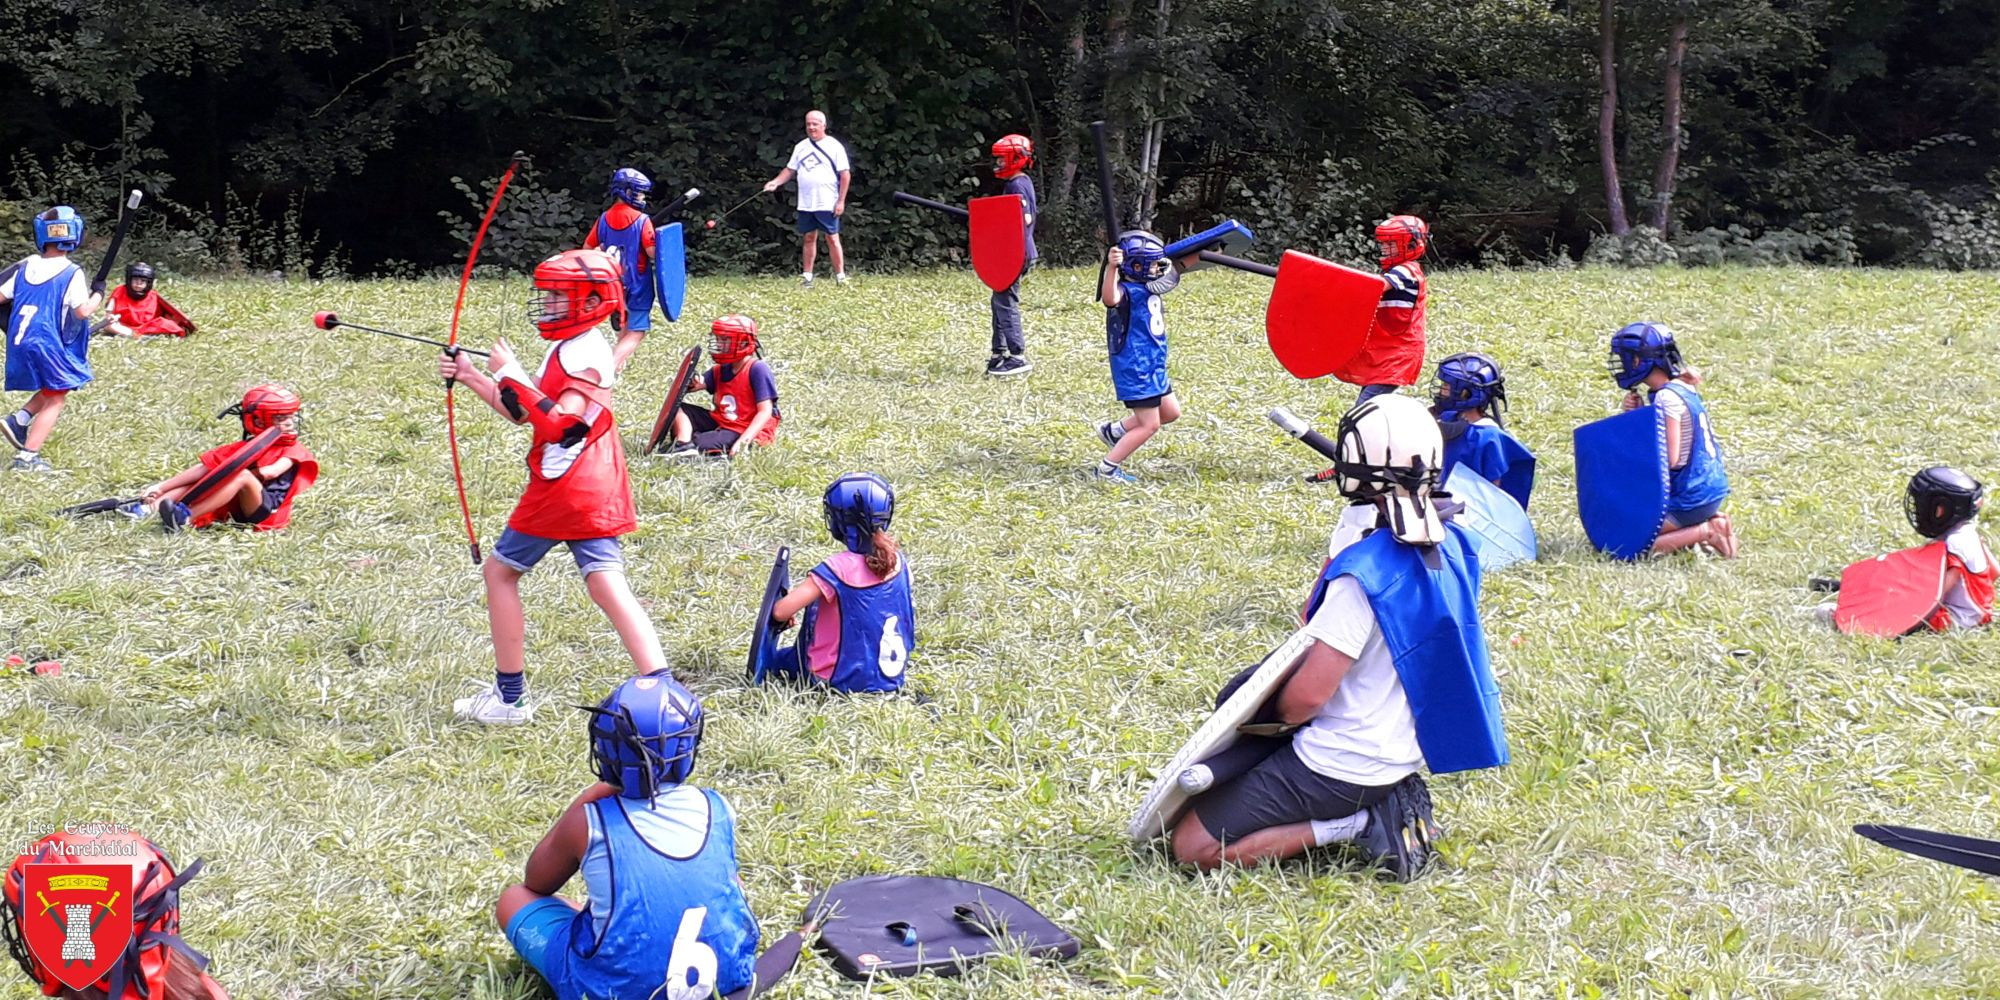 2020-08-23_Bataille_de_masse_Courgoul-02-marchidial.fr_